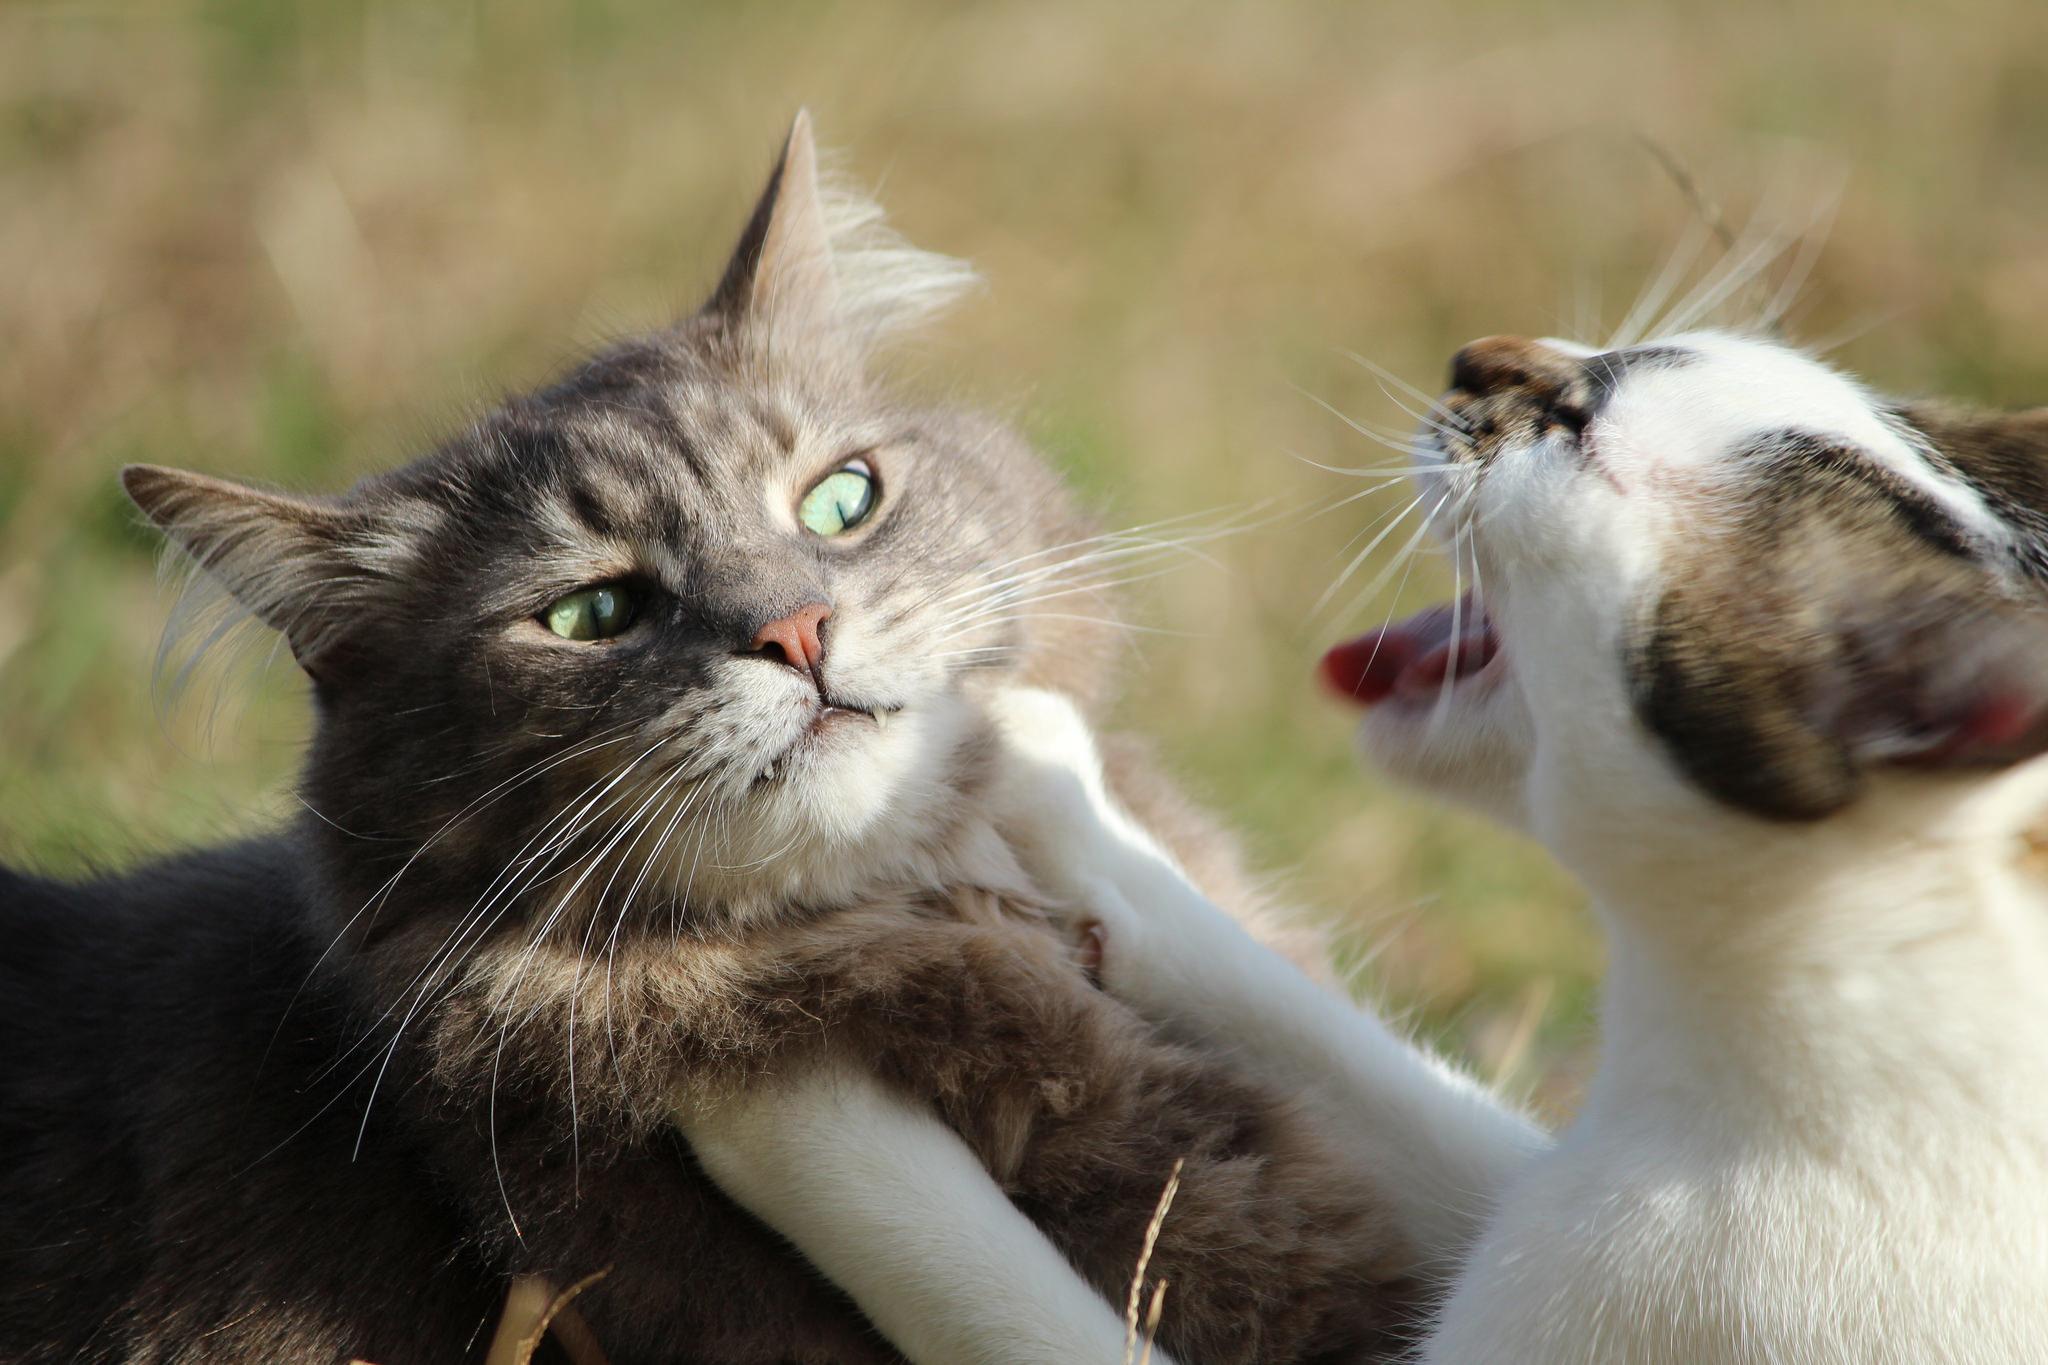 壁纸 动物 灵长目 猫 猫咪 小猫 桌面 2048_1365